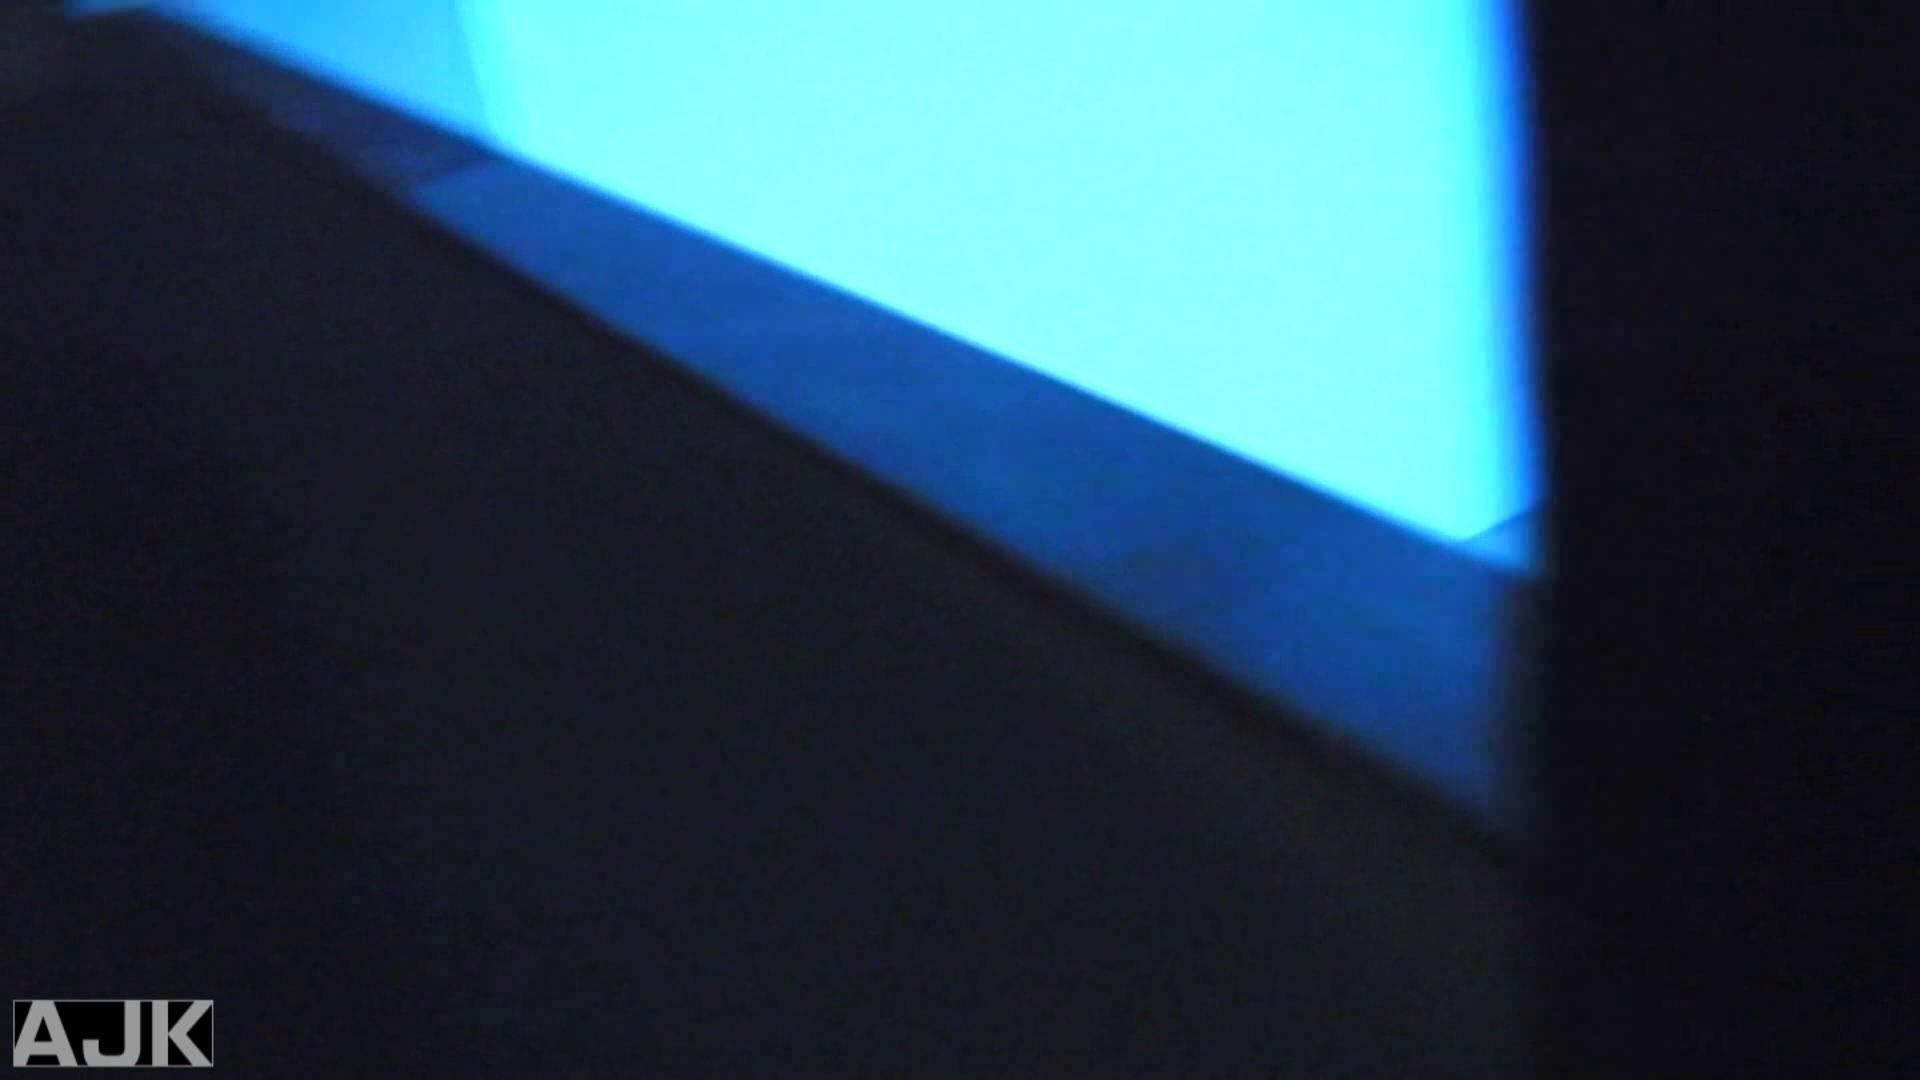 神降臨!史上最強の潜入かわや! vol.22 マンコ・ムレムレ   美しいOLの裸体  96pic 85